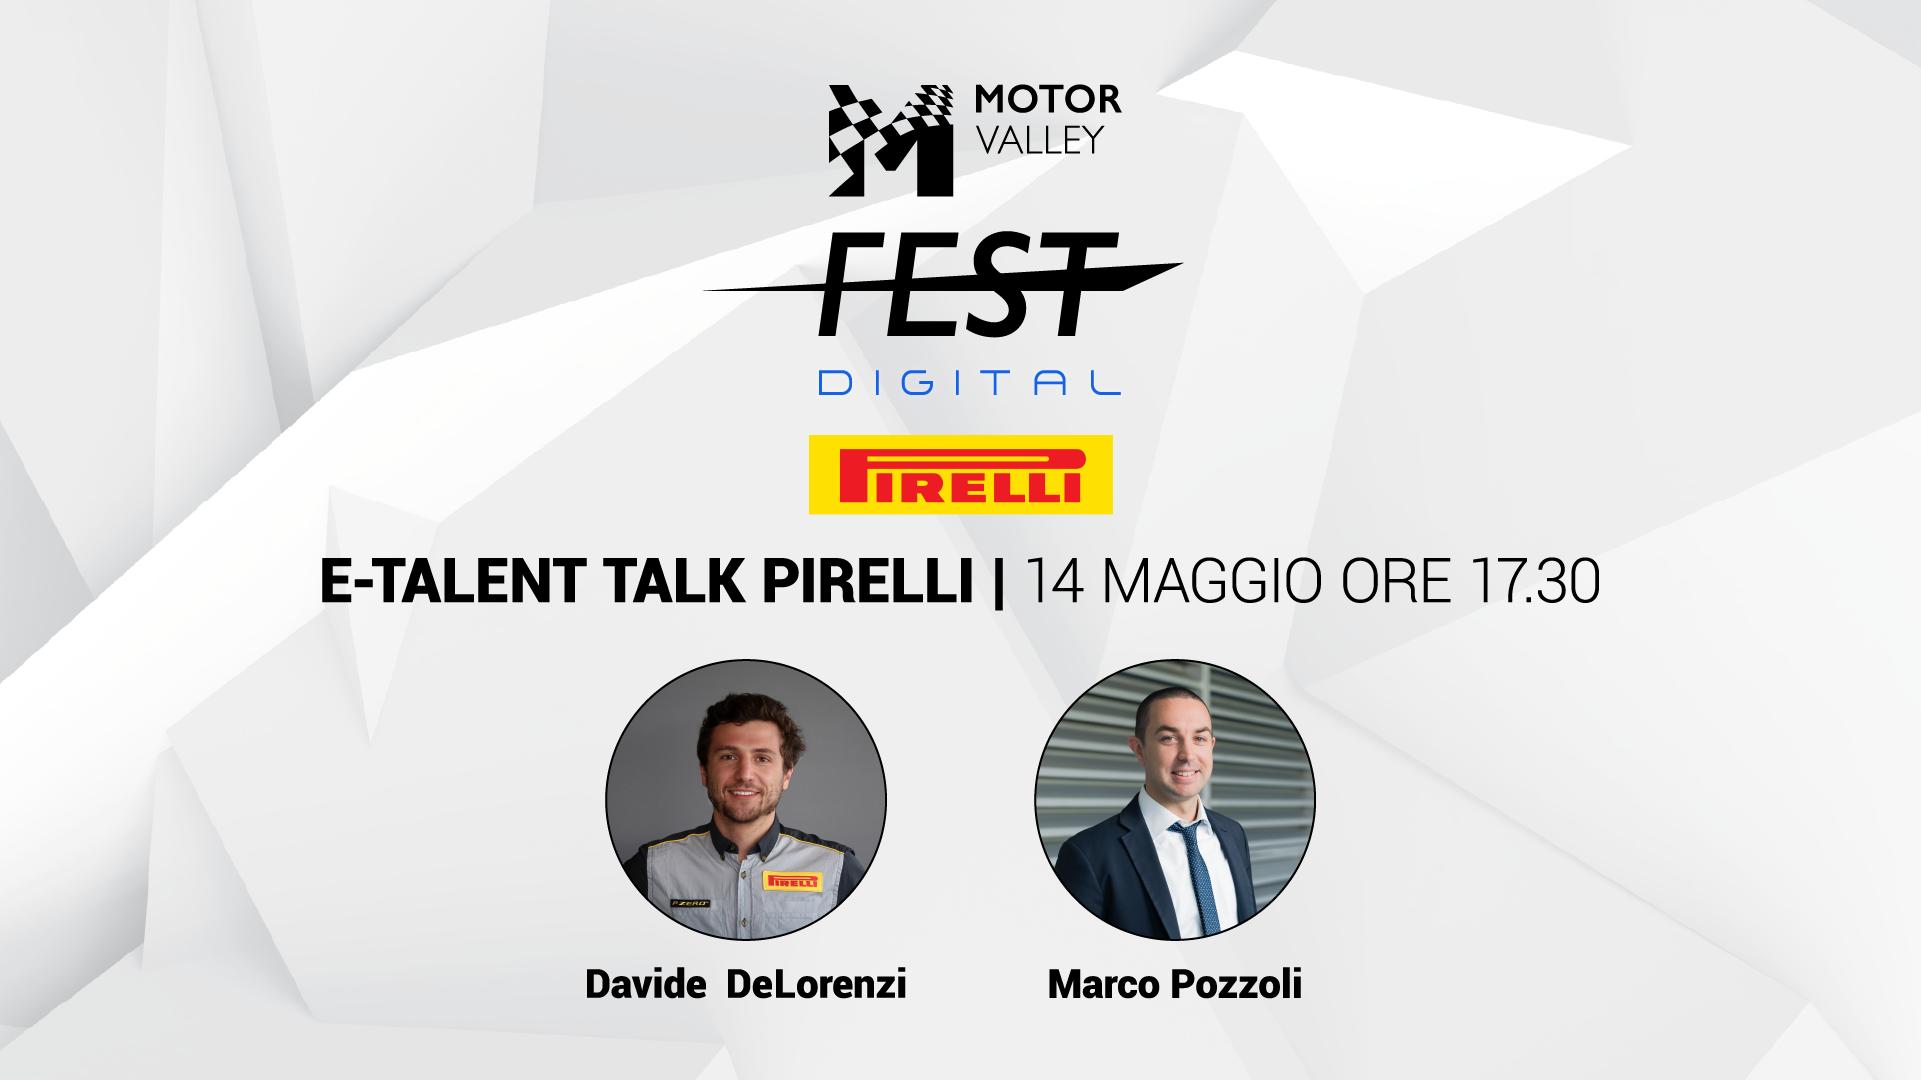 E-Talent Talk - Pirelli